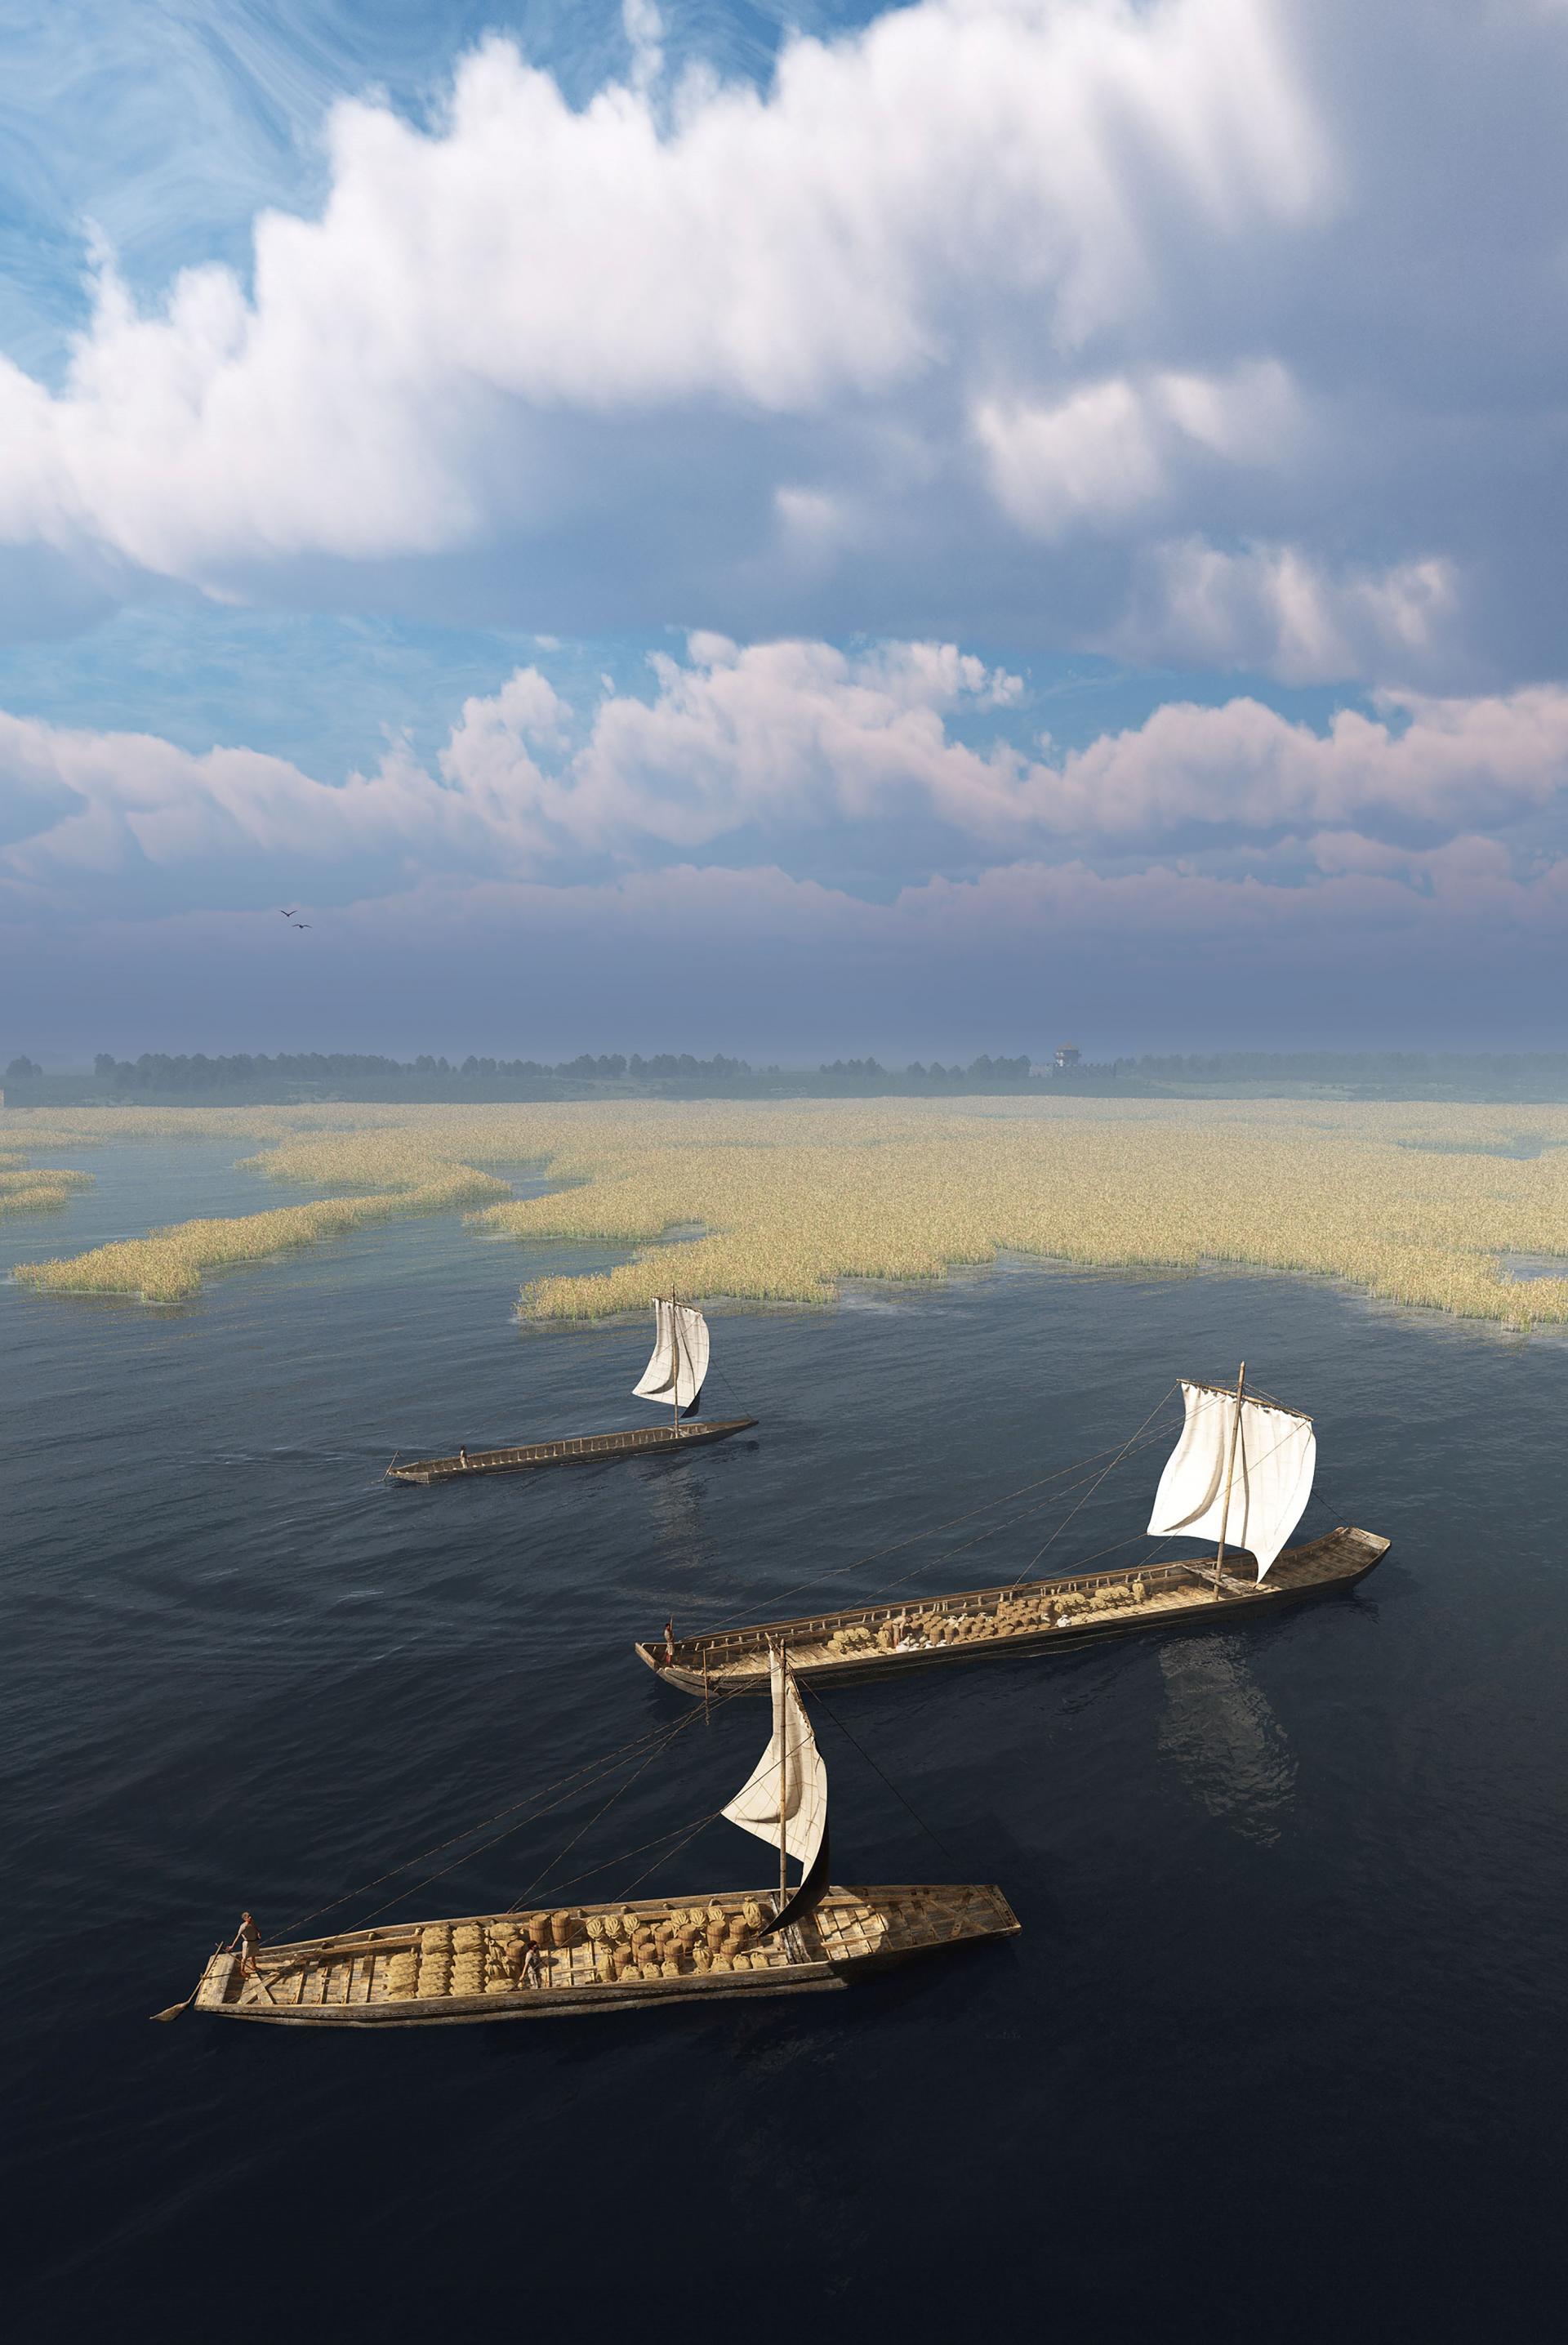 De Romeinse Zwammerdamschepen komen thuis